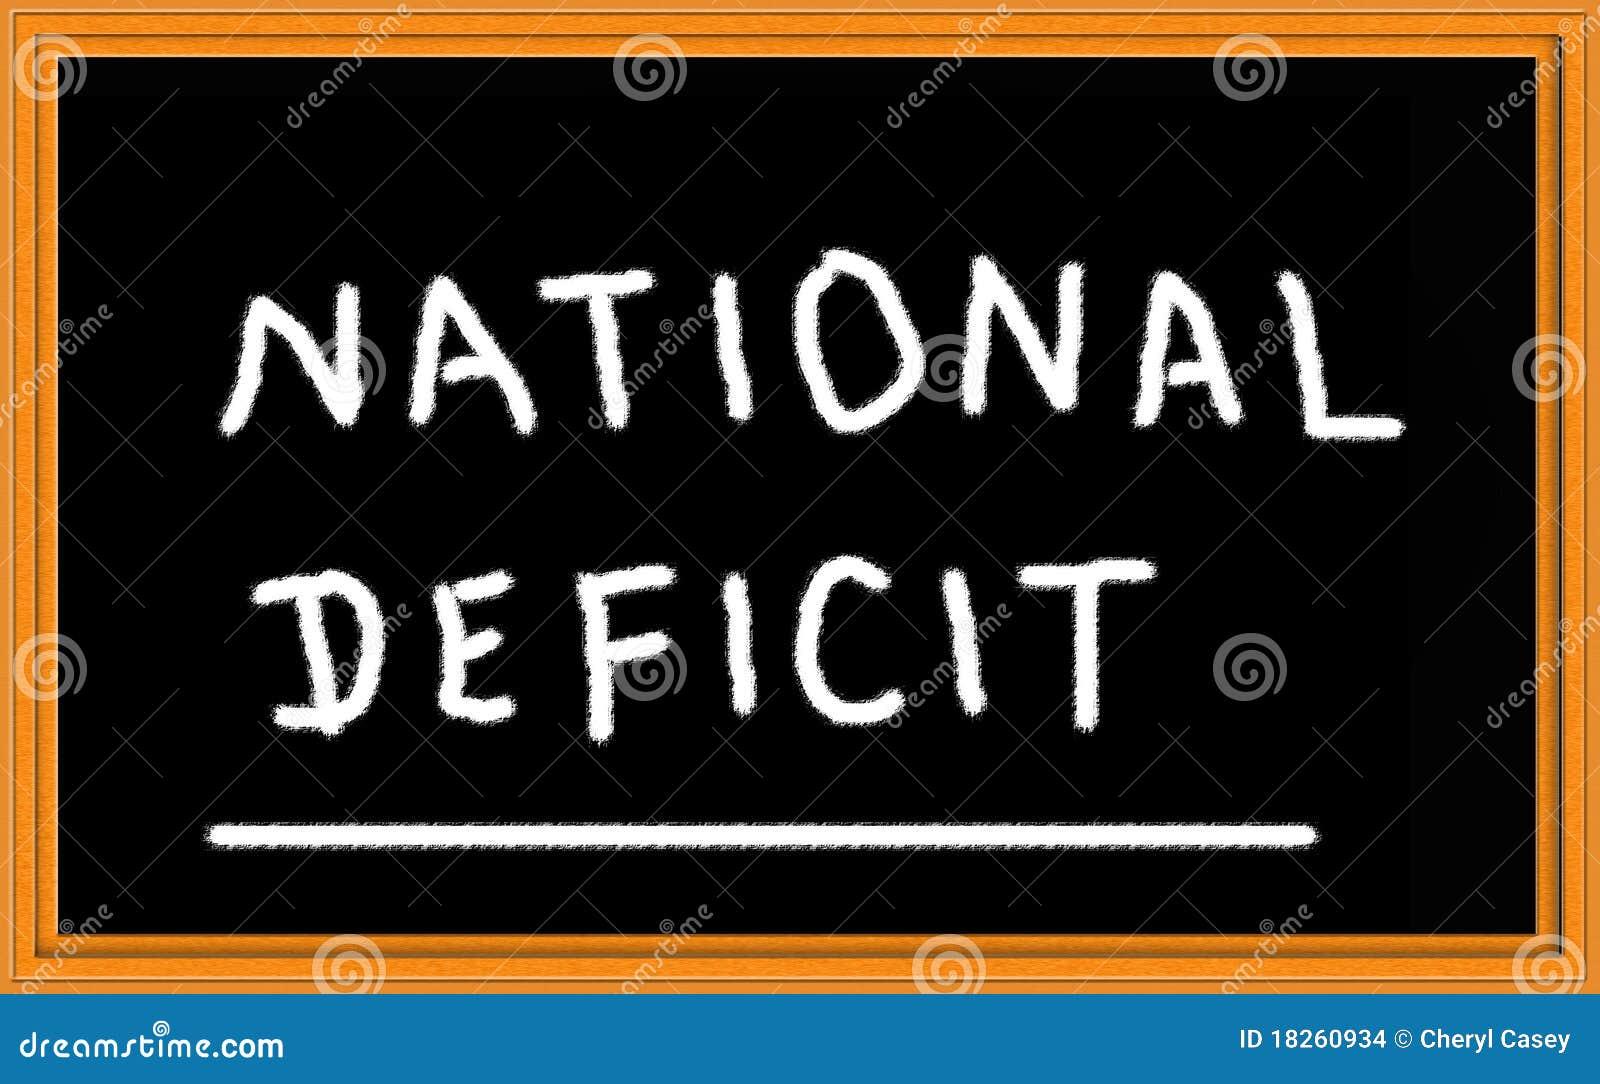 Deficytowy obywatel